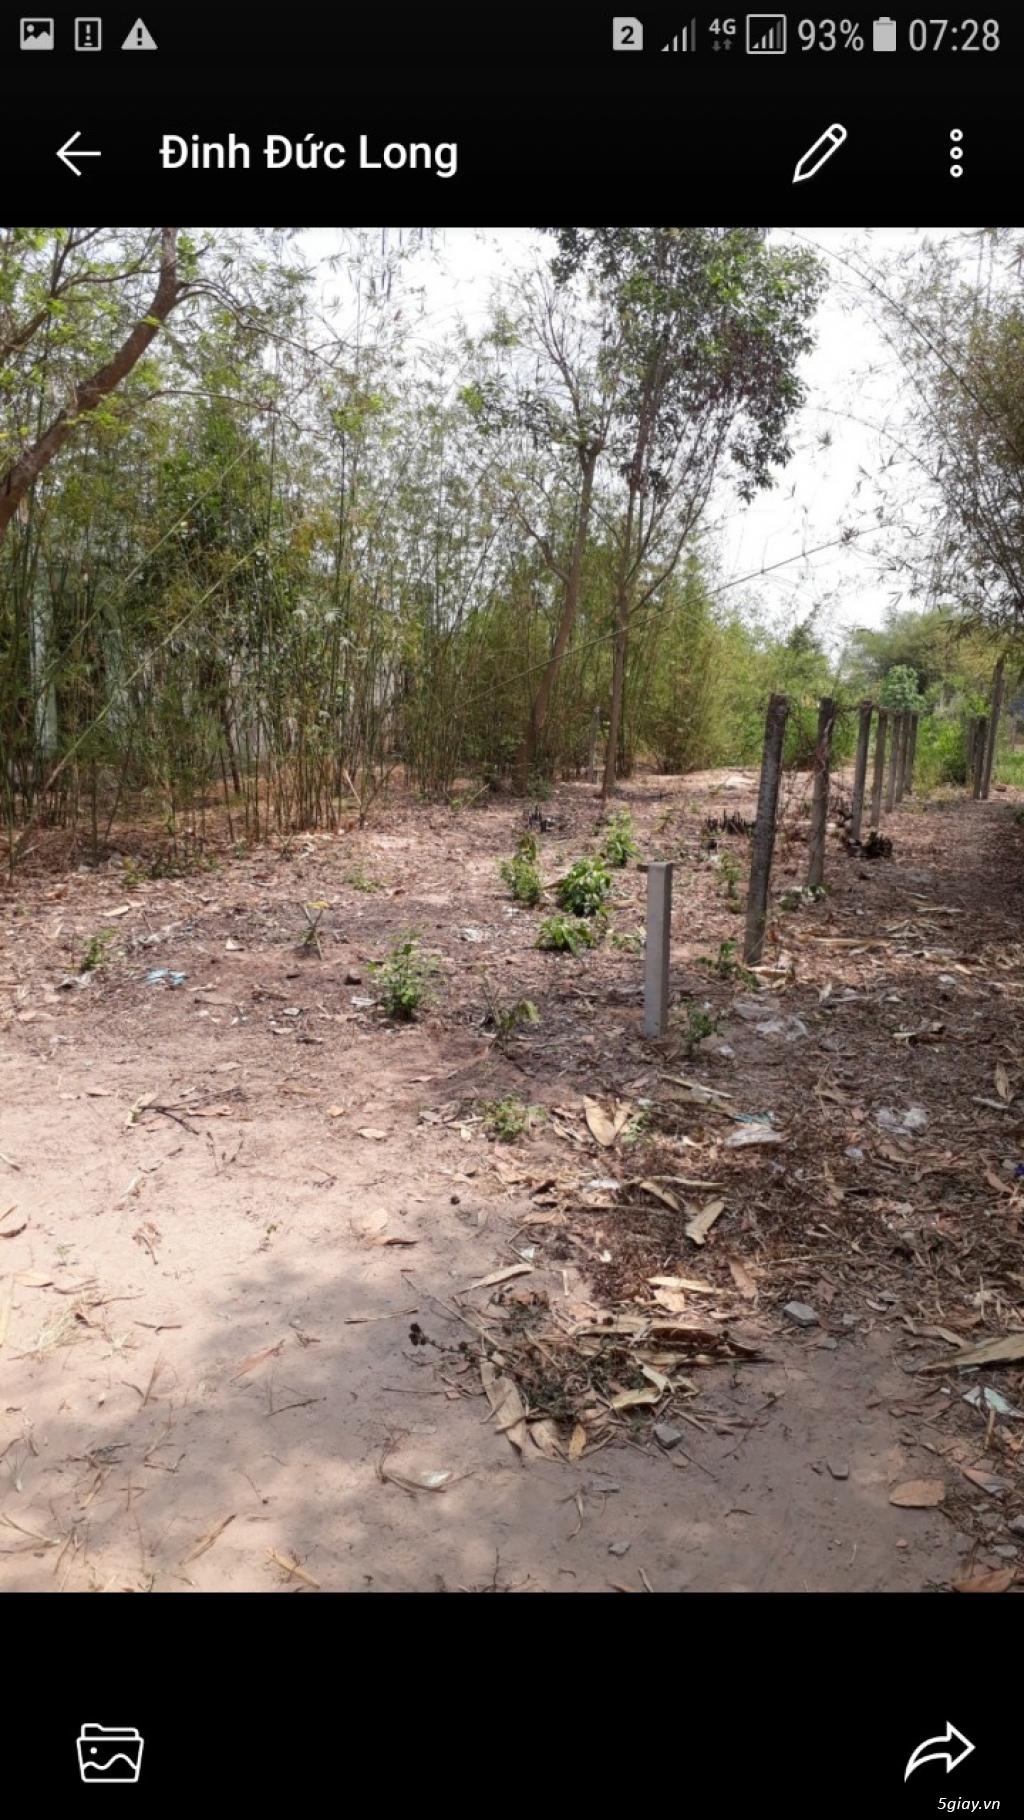 Đất thổ cư 75m2 670tr củ chi chính chủ - 4